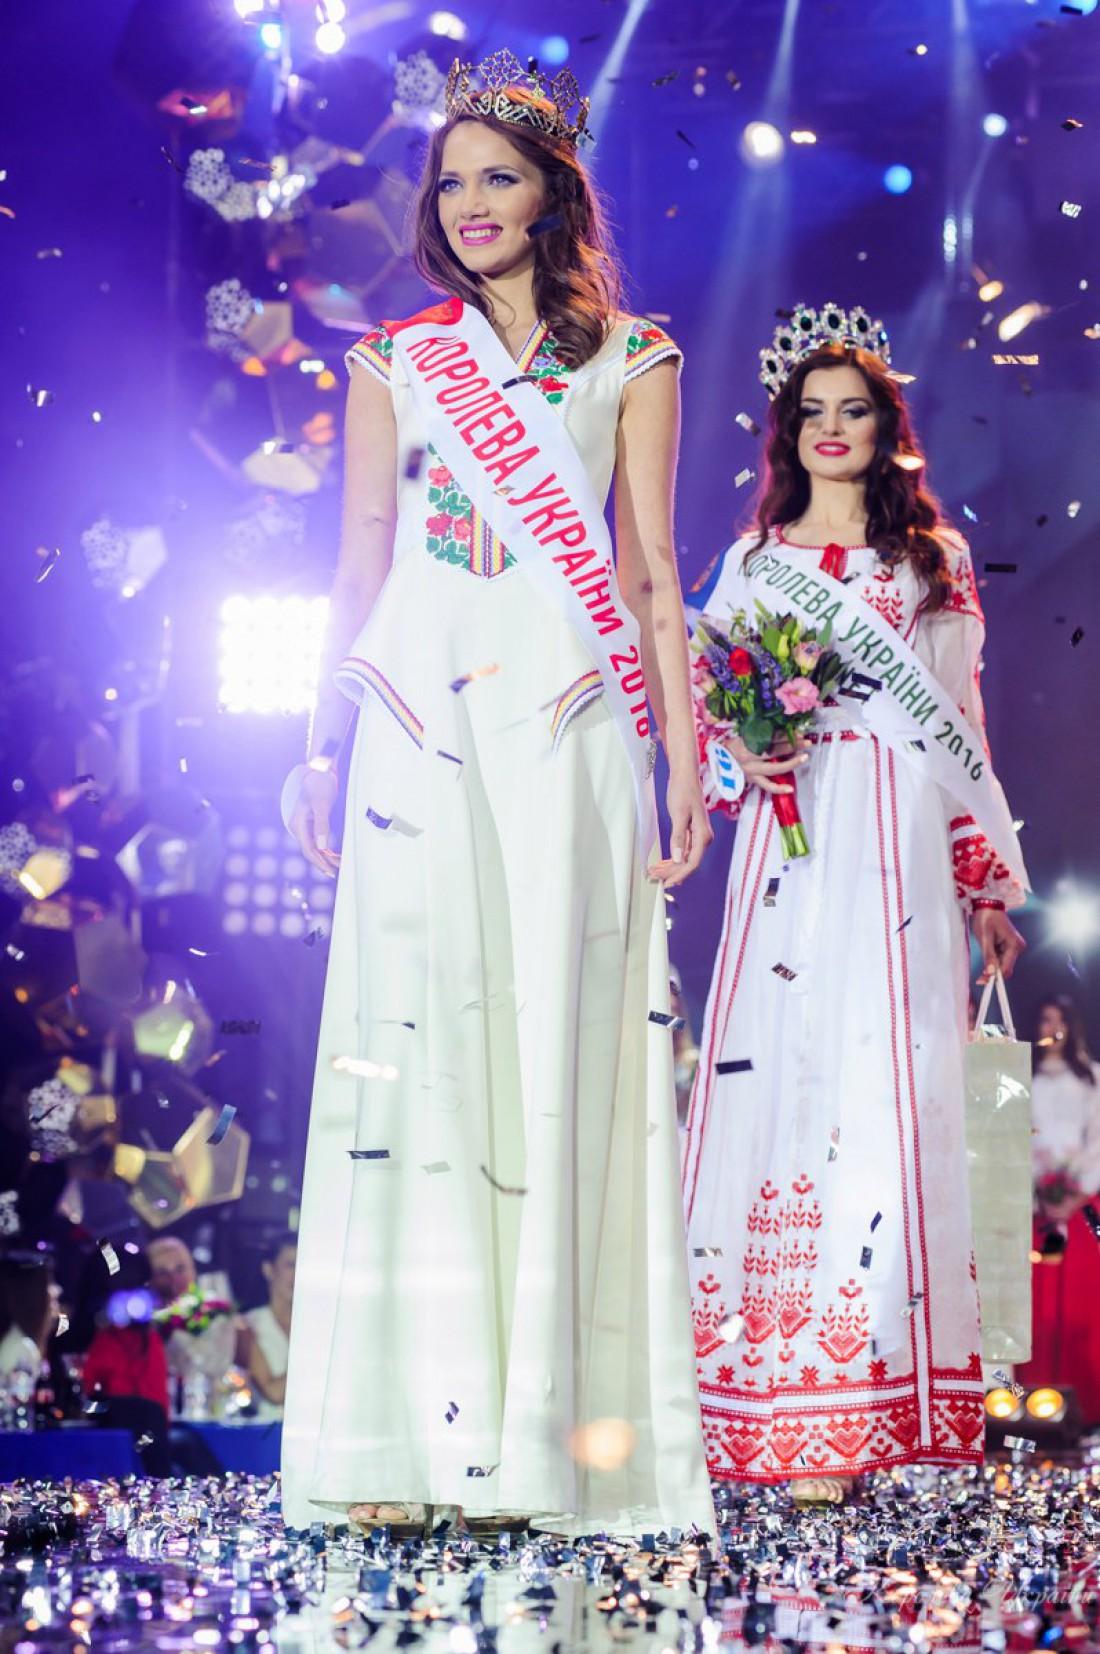 Победительницей конкурса Королева Украины стала Вероника Михайлишин